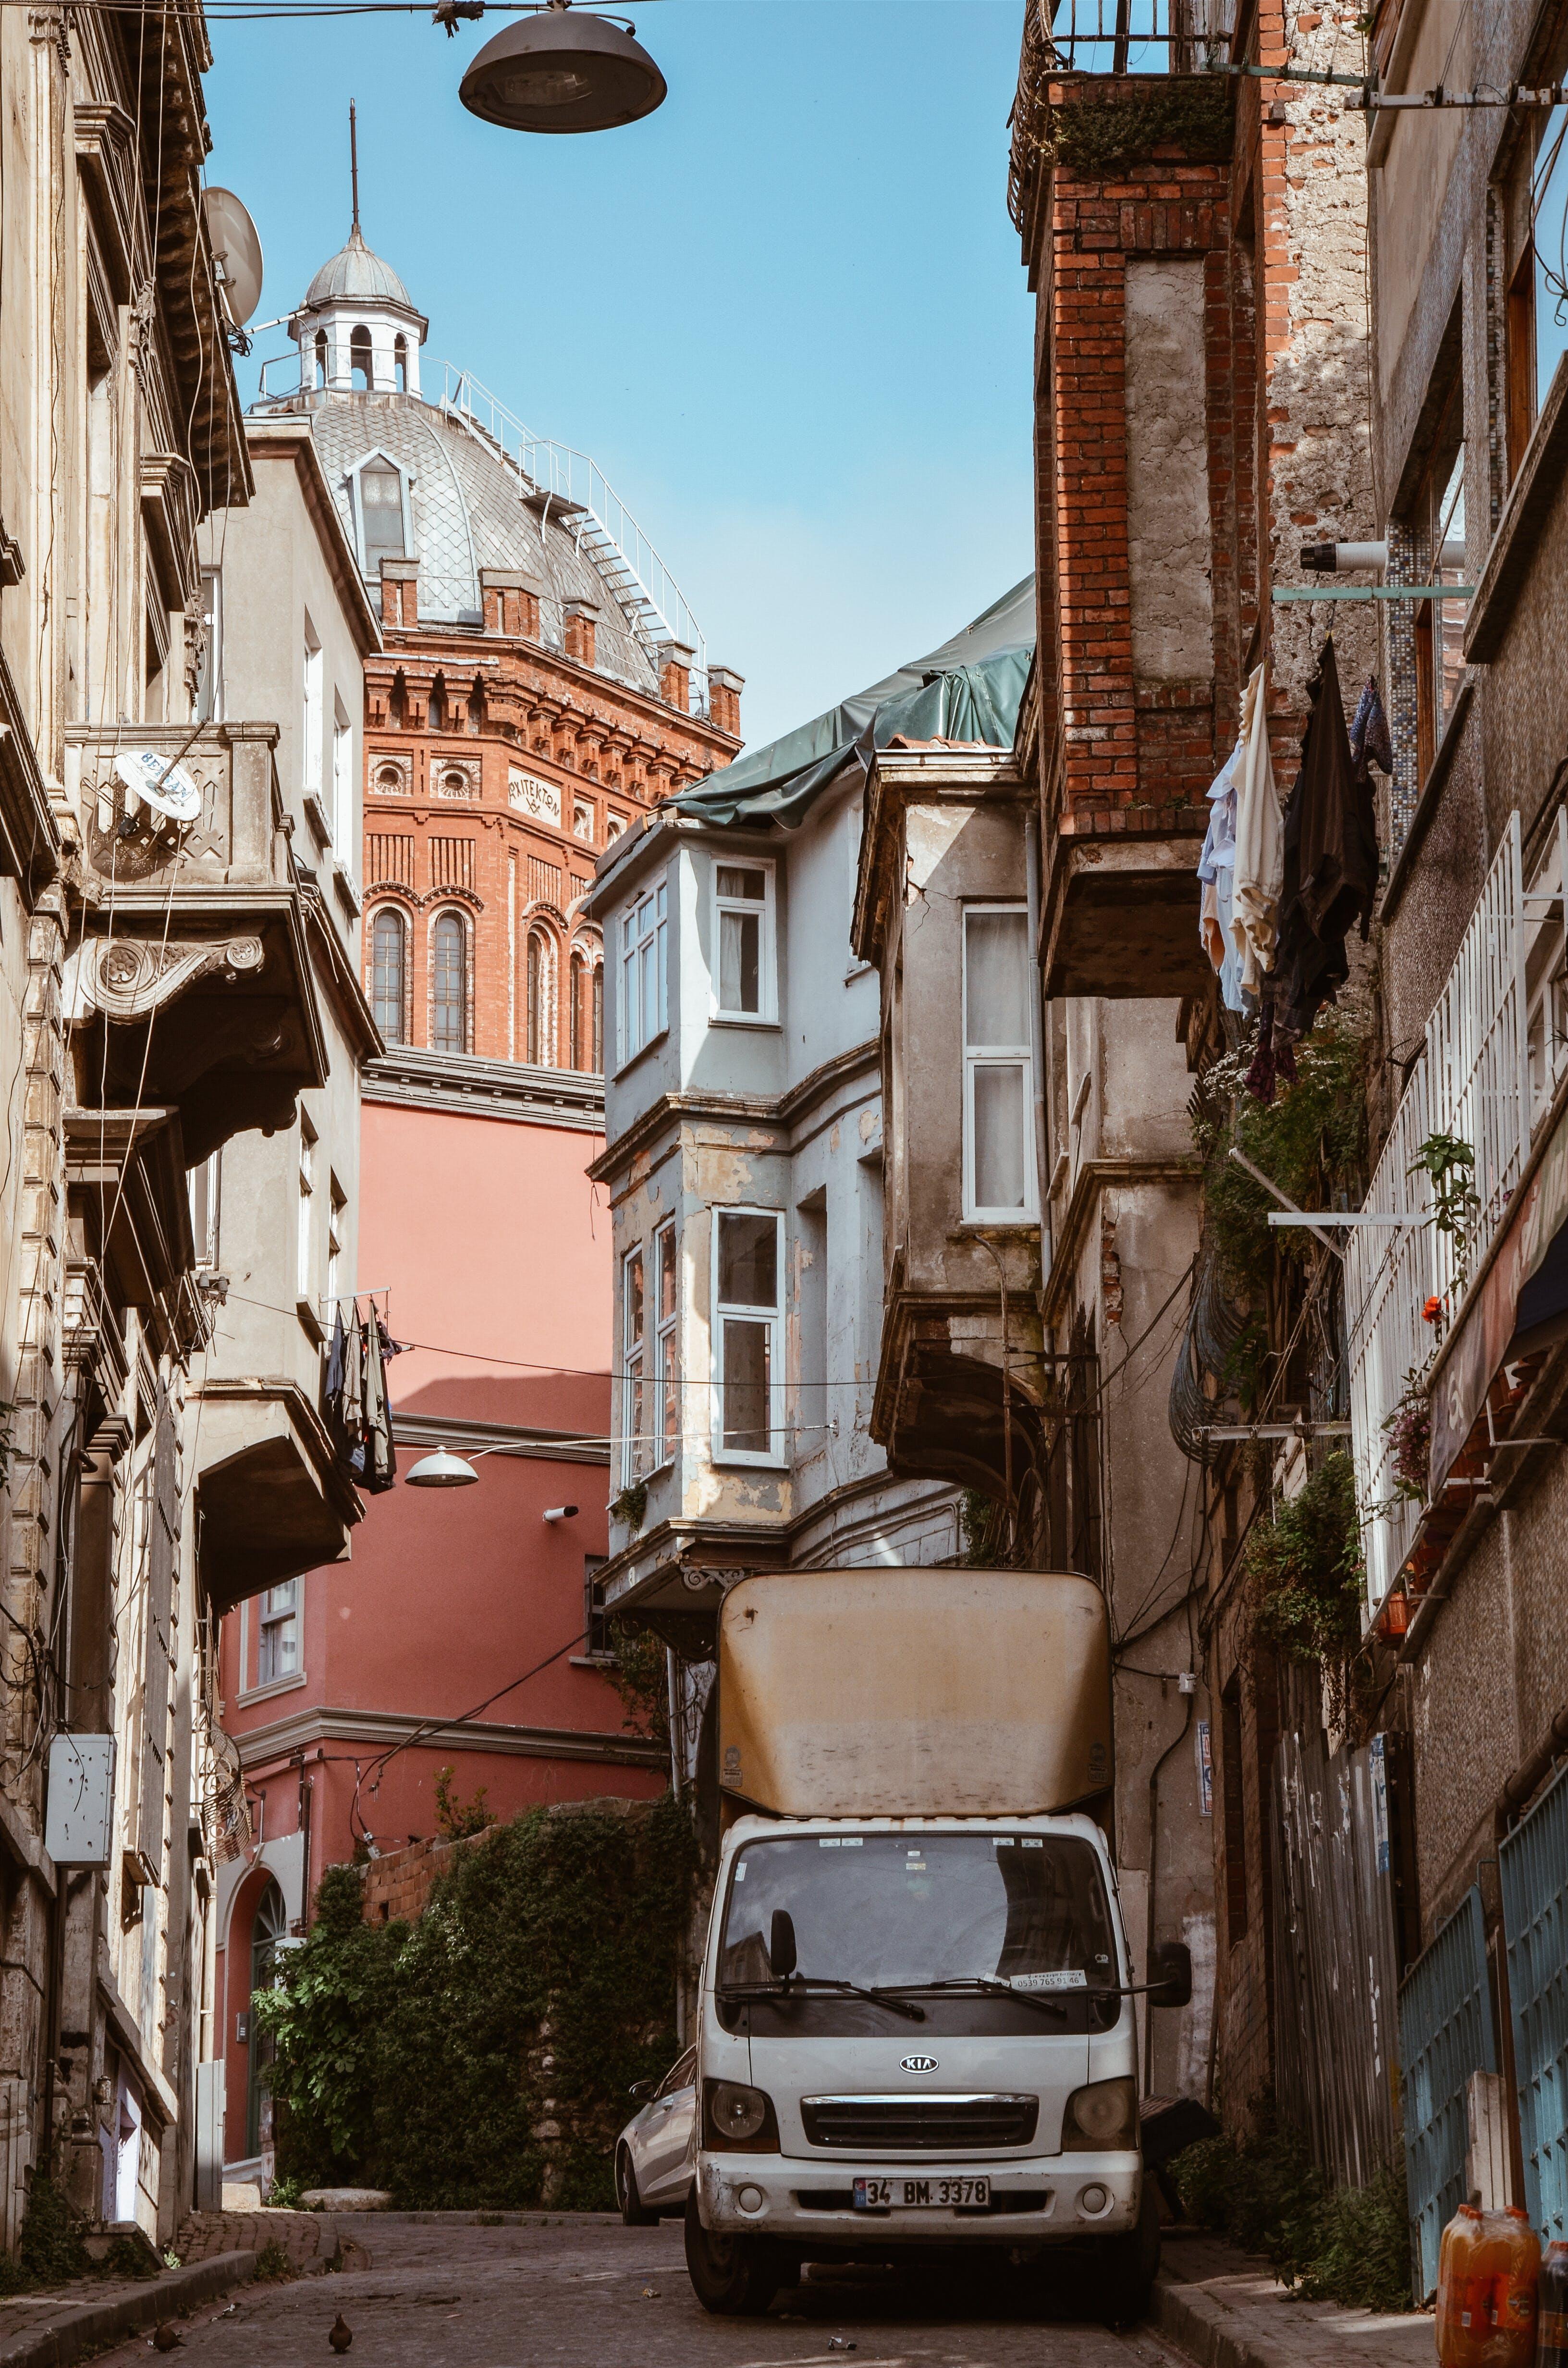 Δωρεάν στοκ φωτογραφιών με αρχιτεκτονική, αστικός, δρόμος, εξωτερικός χώρος